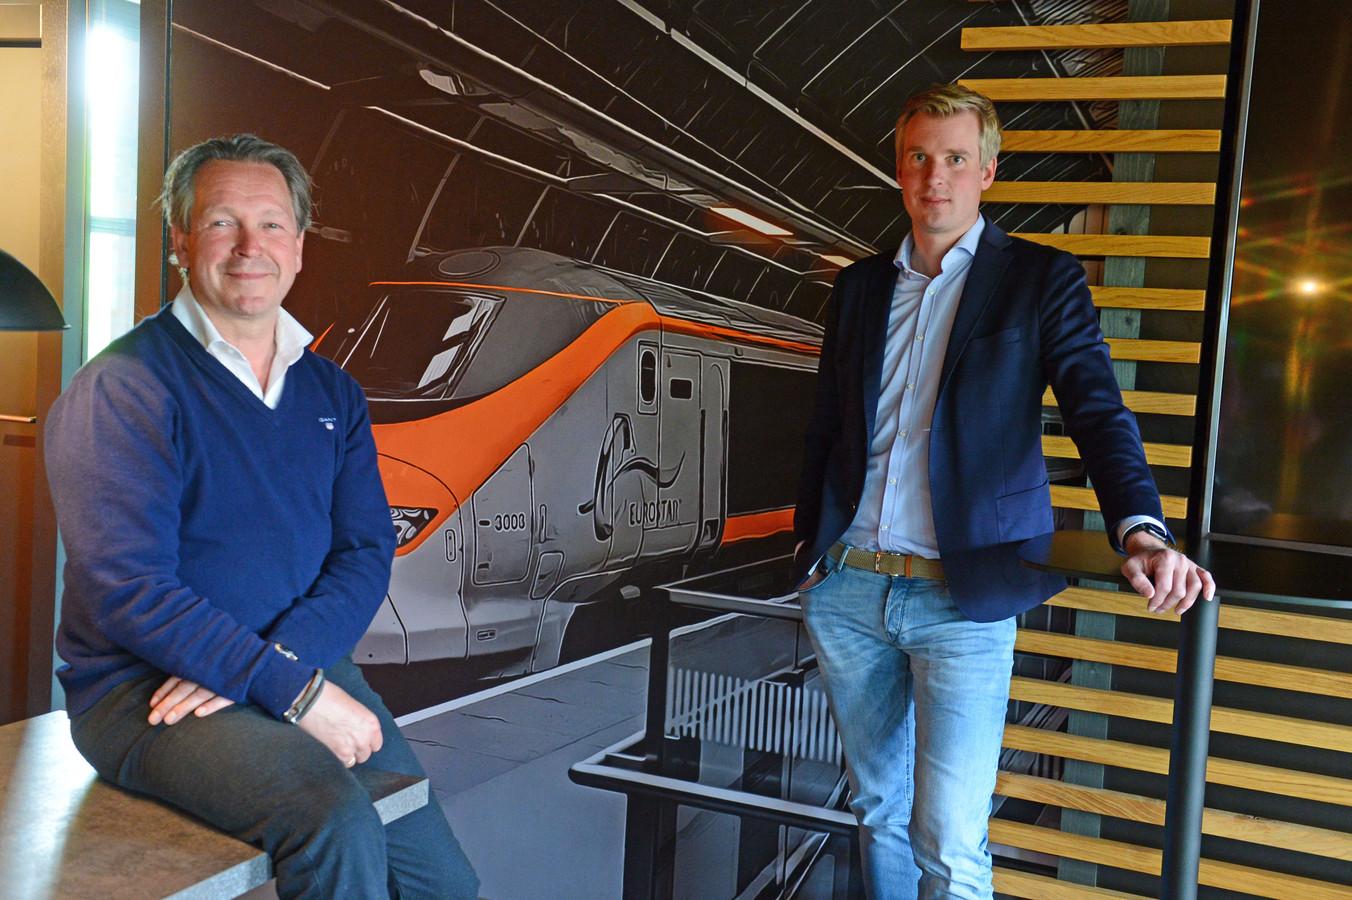 Directeuren Bart van Munster (r) en Alexander Mul (l) van ticketingbedrijf Sqills. Het Enschedes bedrijf is verkocht aan Siemens voor 550 miljoen euro.